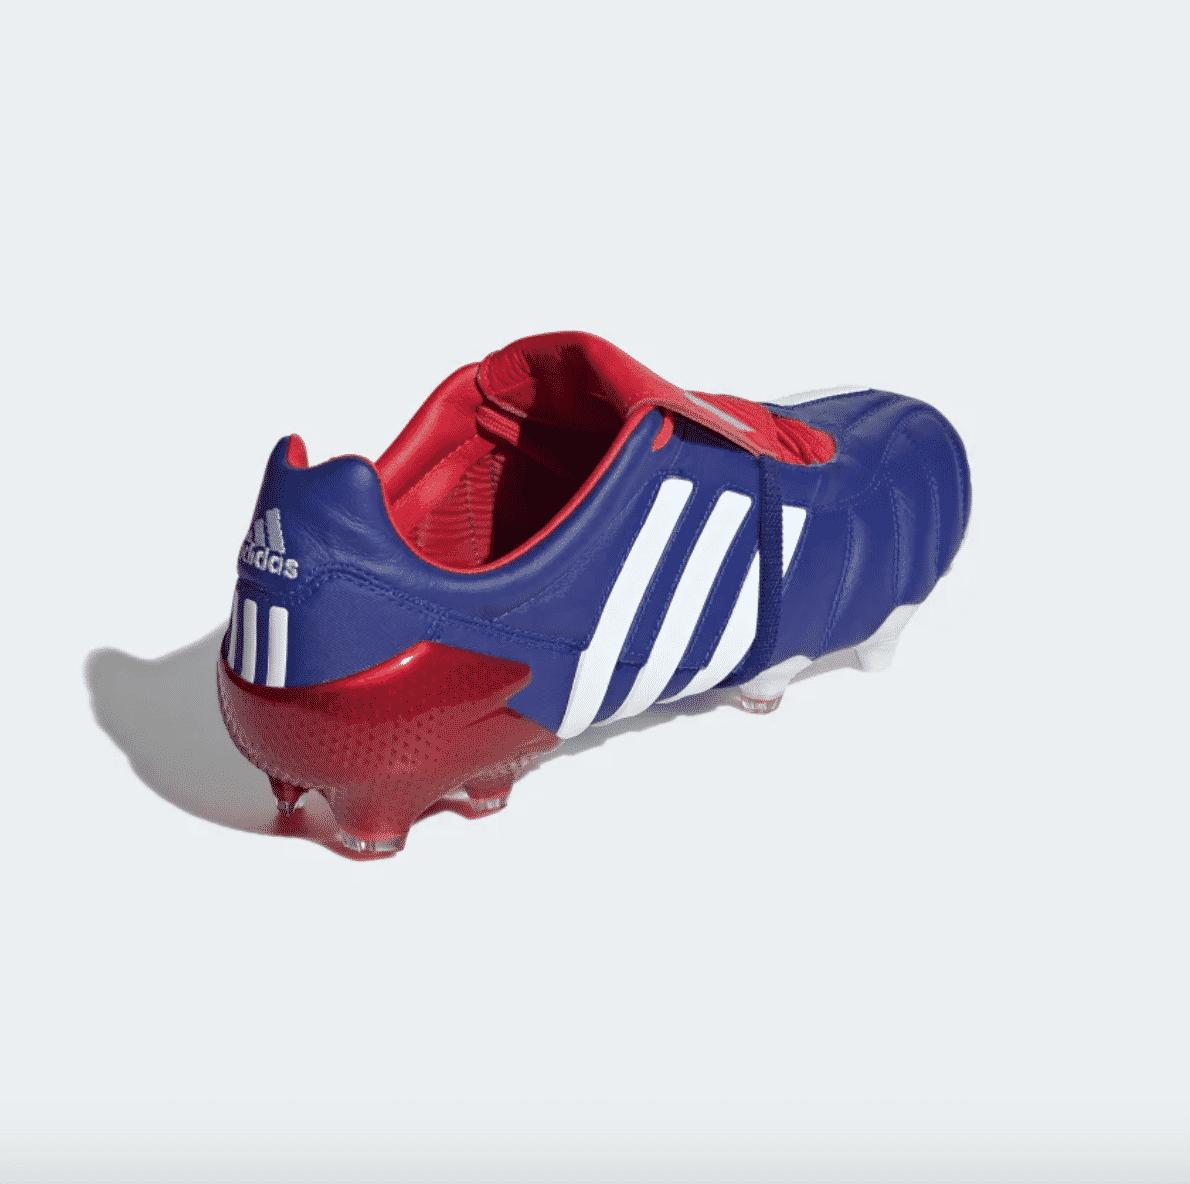 adidas-predator-20-mania-blue-japan-5